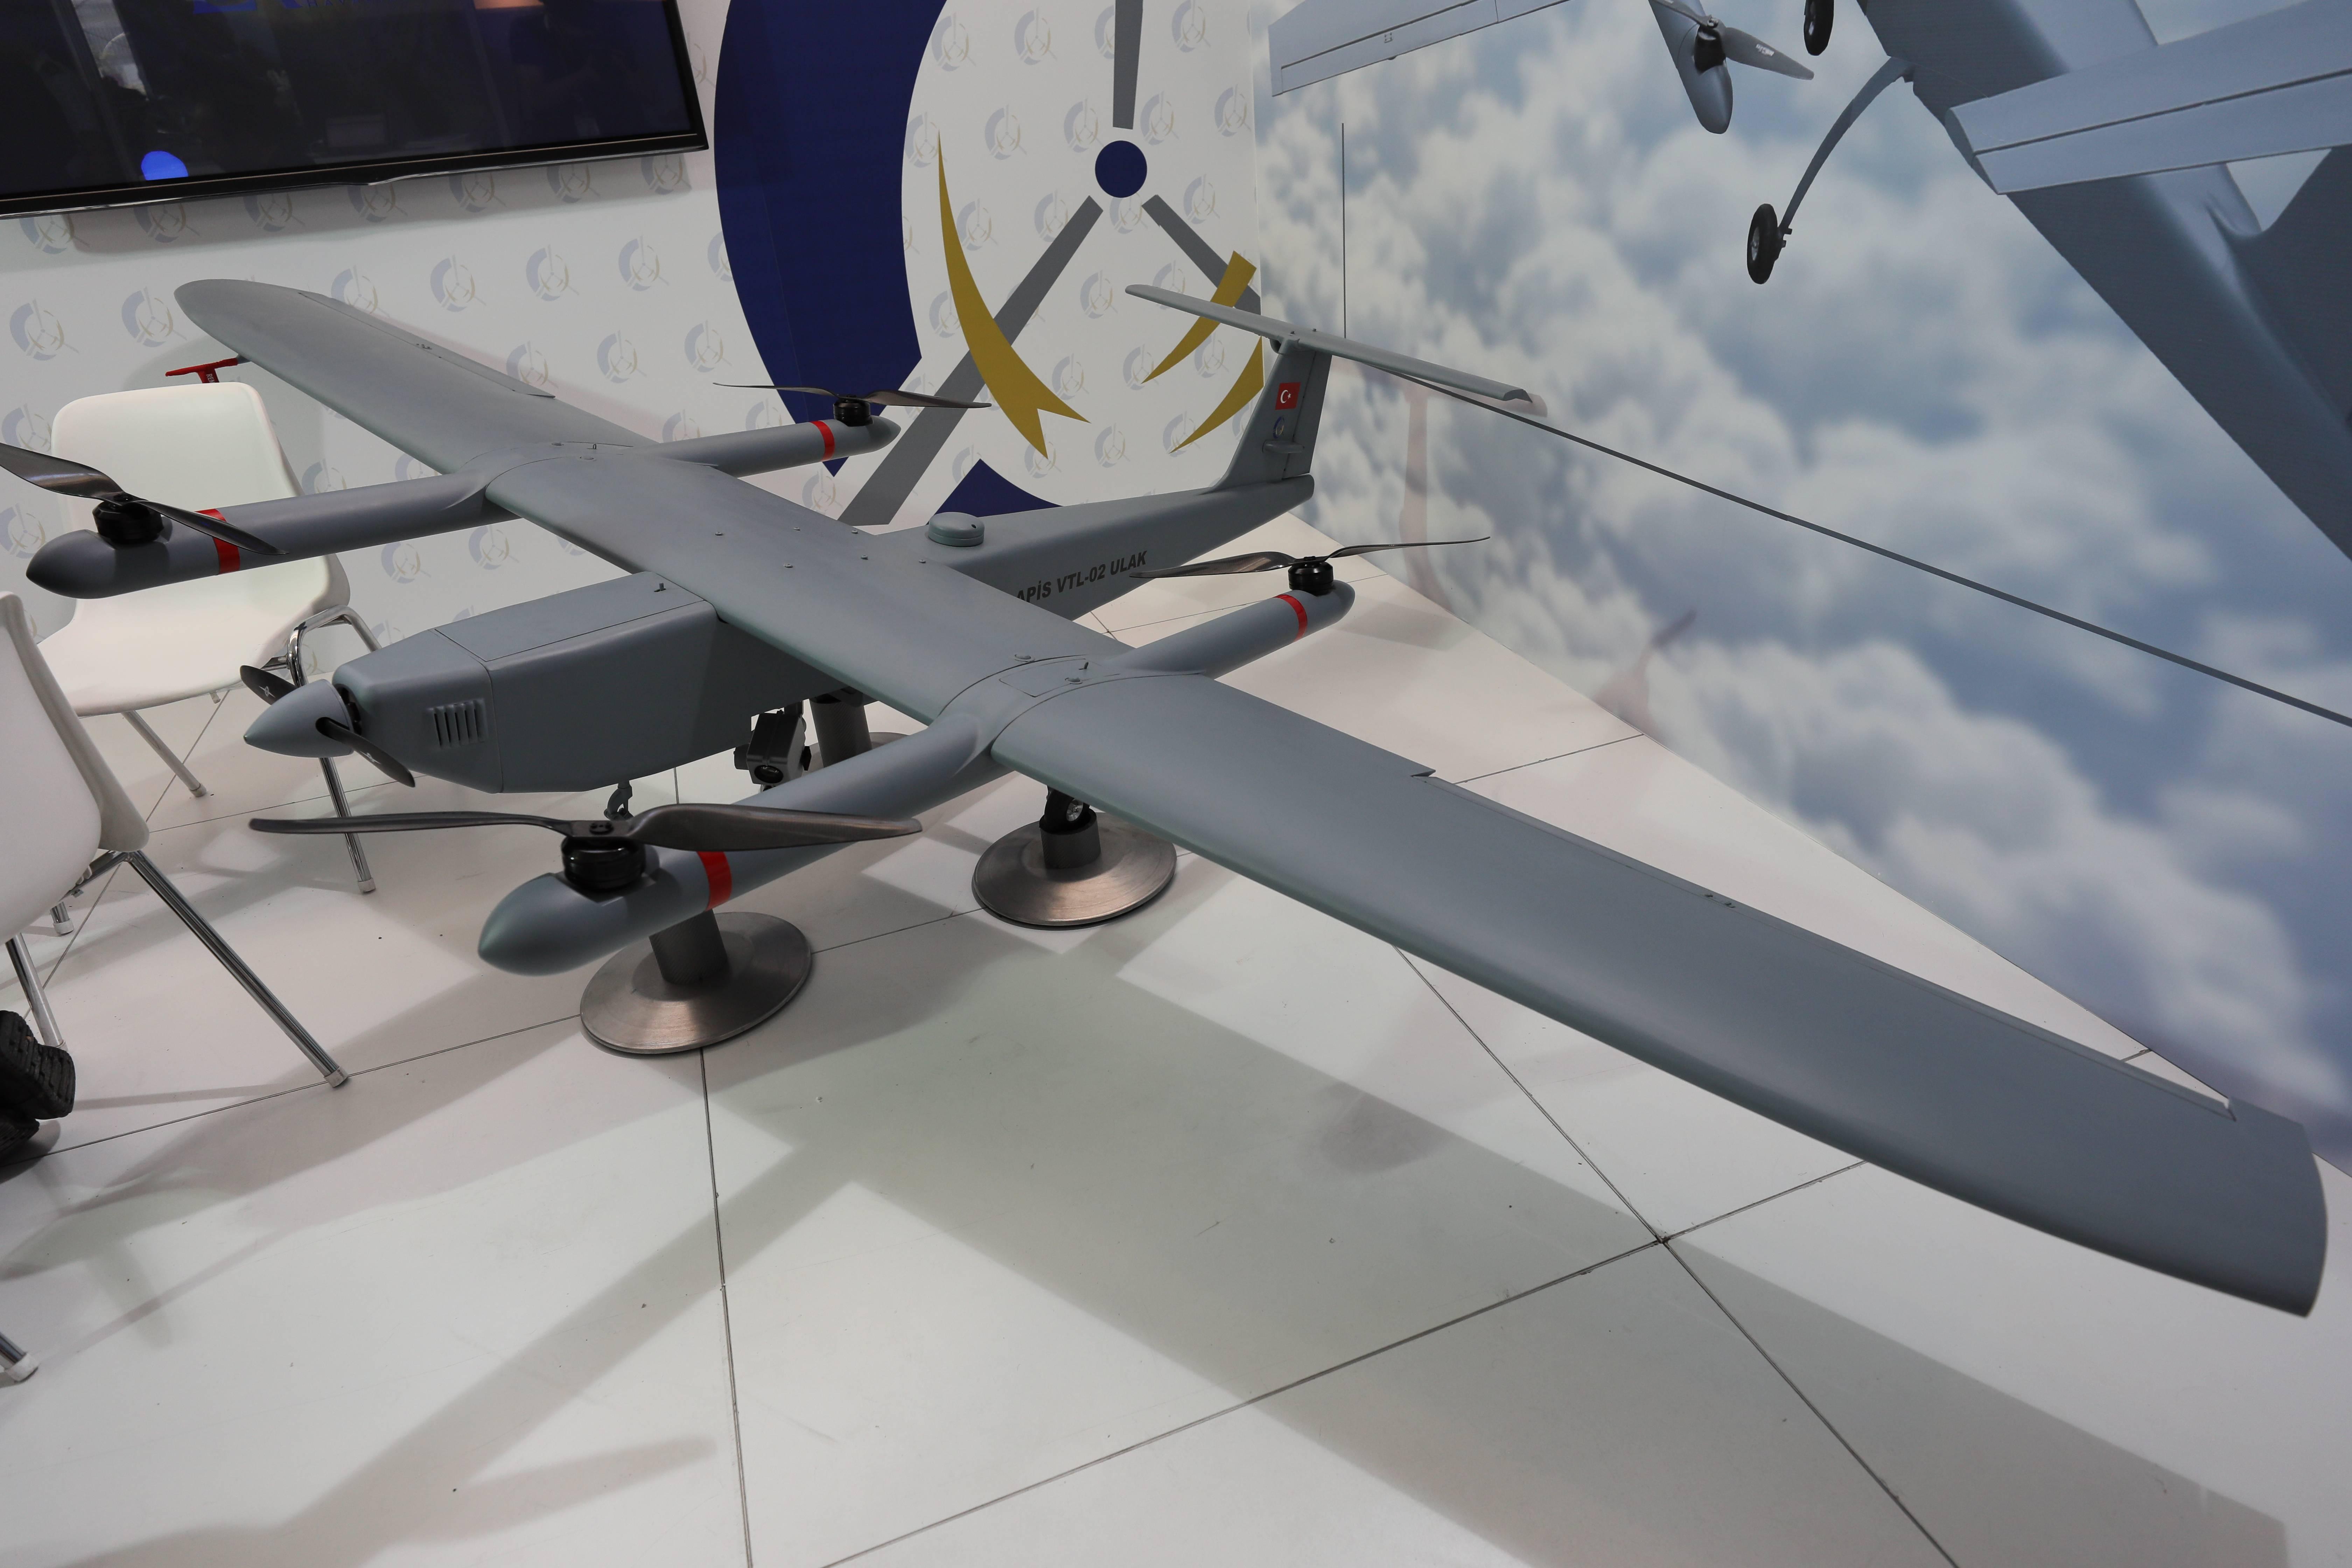 Применение беспилотных летательных аппаратов в локальных конфликтах и войнах